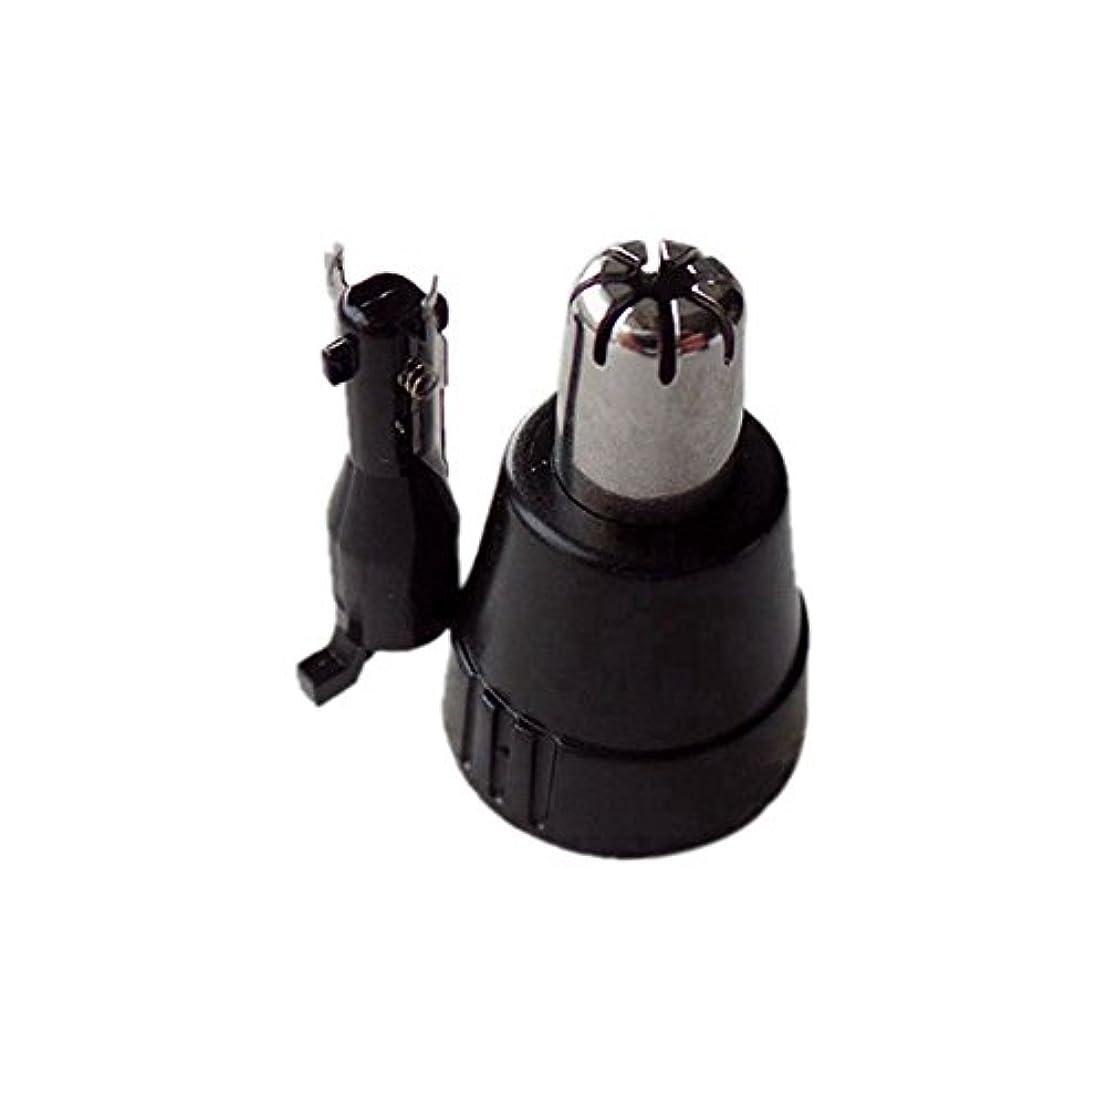 うがいわずかに最後のXinvision 鼻毛カッター 交代パーツ 交代品 内刃 外刃 替刃 耐用 for Panasonic 鼻毛カッター ER-GN30/-GN10